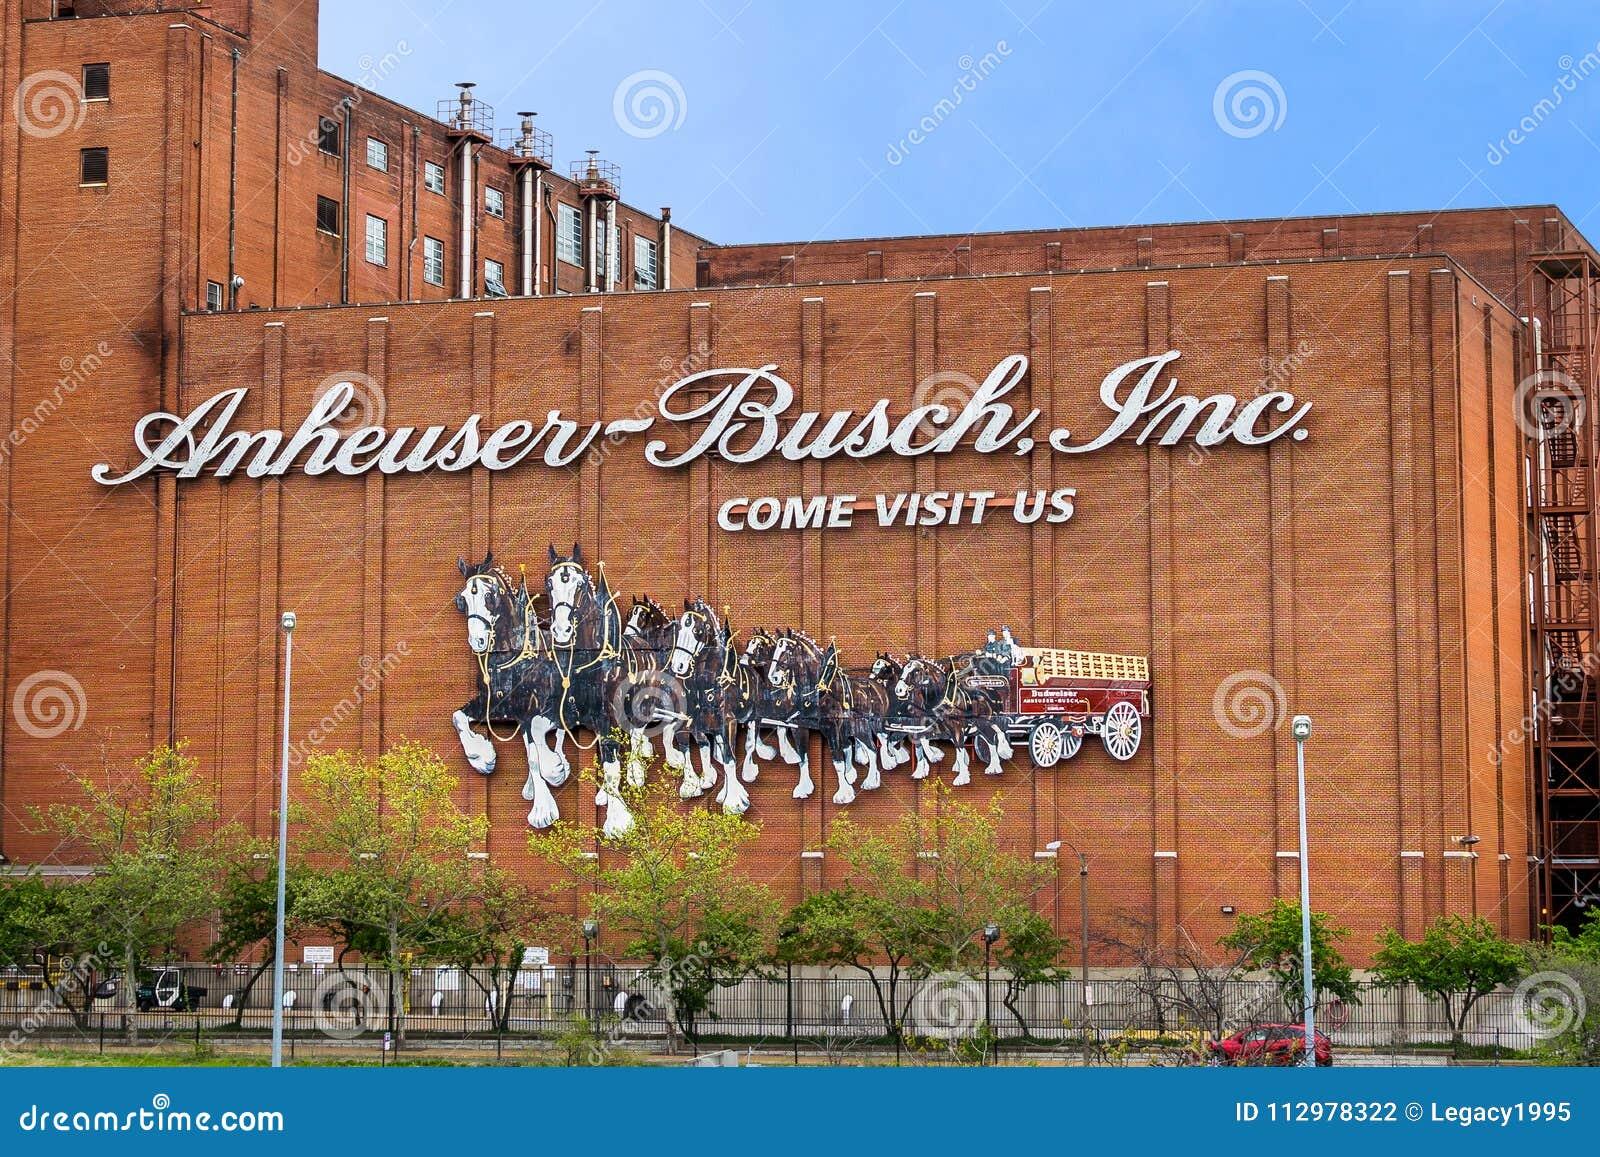 Anheuser-Busch Inc Brewery Saint Louis